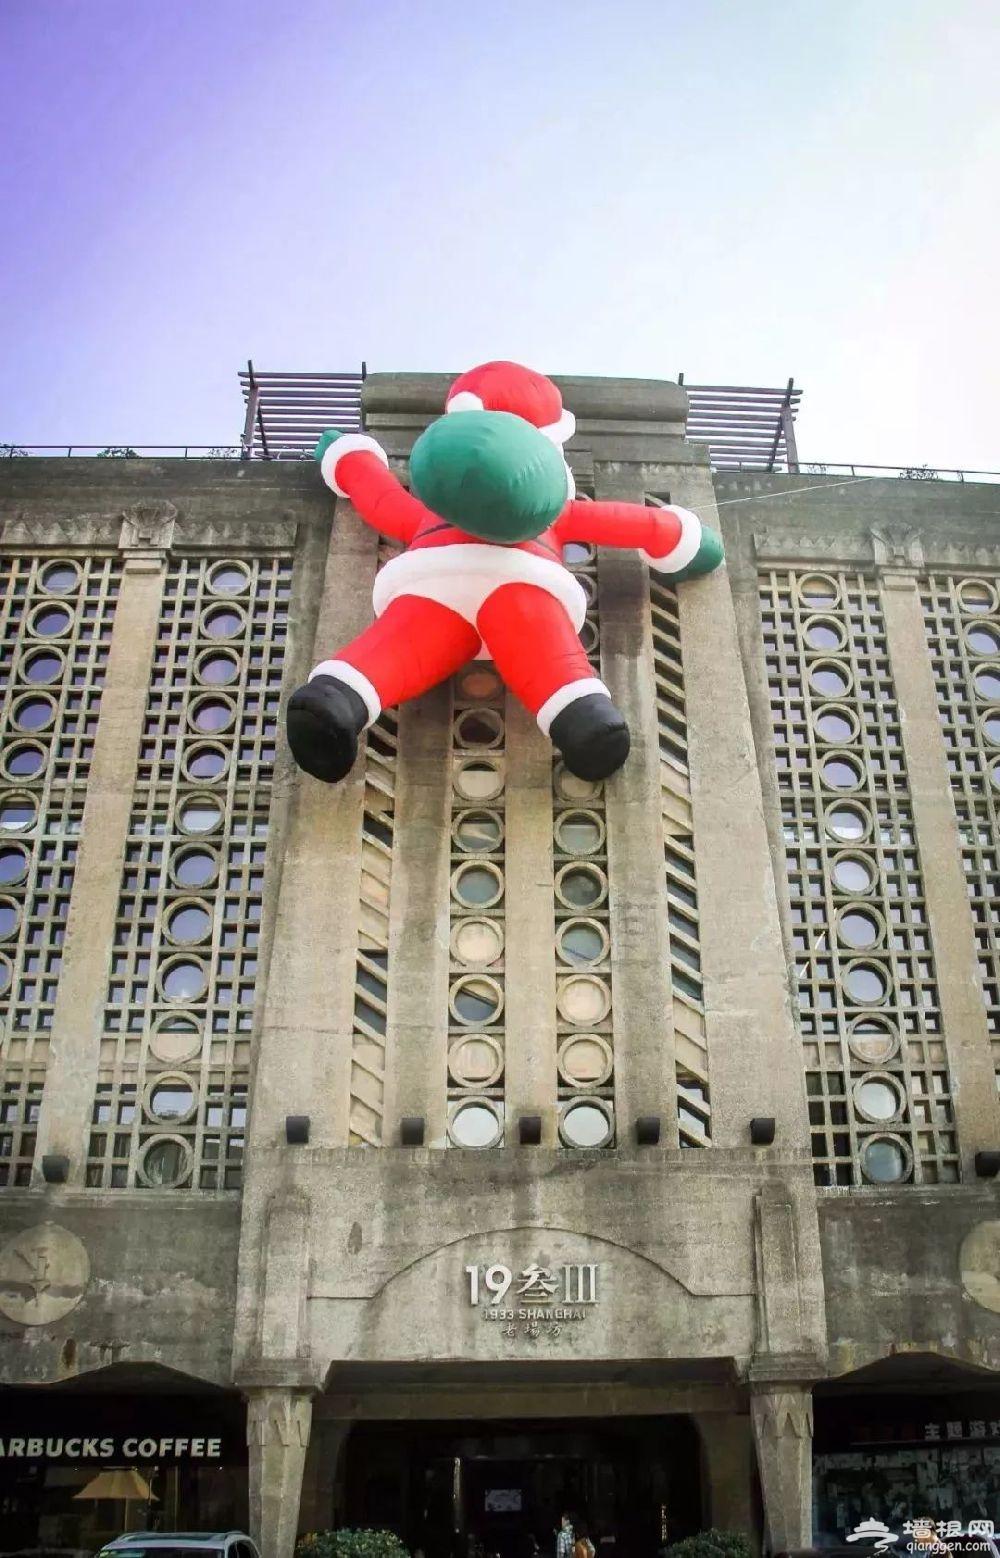 魔都圣诞新打卡地诞生 8米巨型爬墙圣诞老人亮相[墙根网]